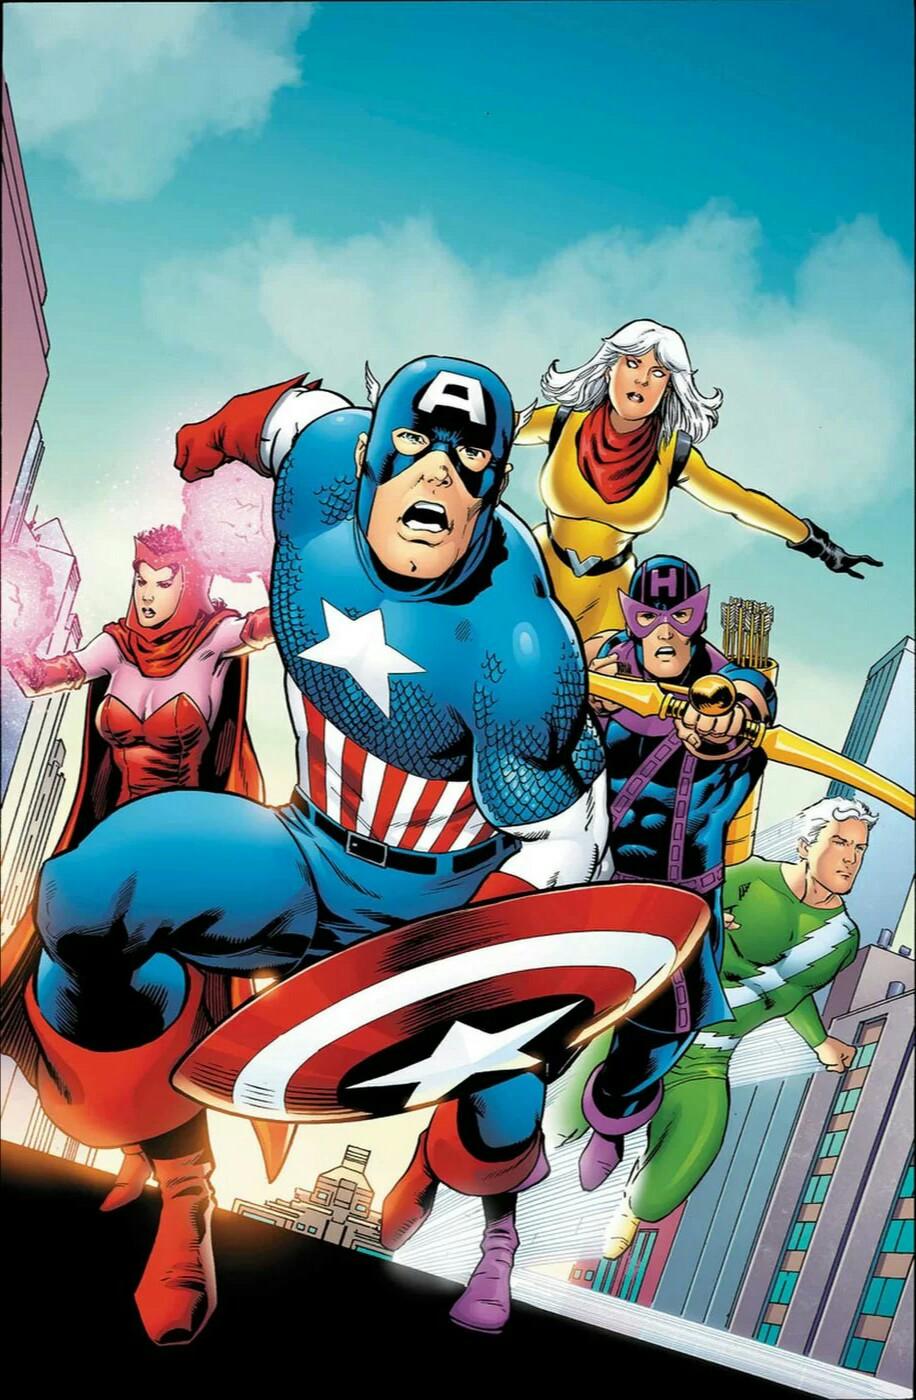 Avengers (Earth-17122)